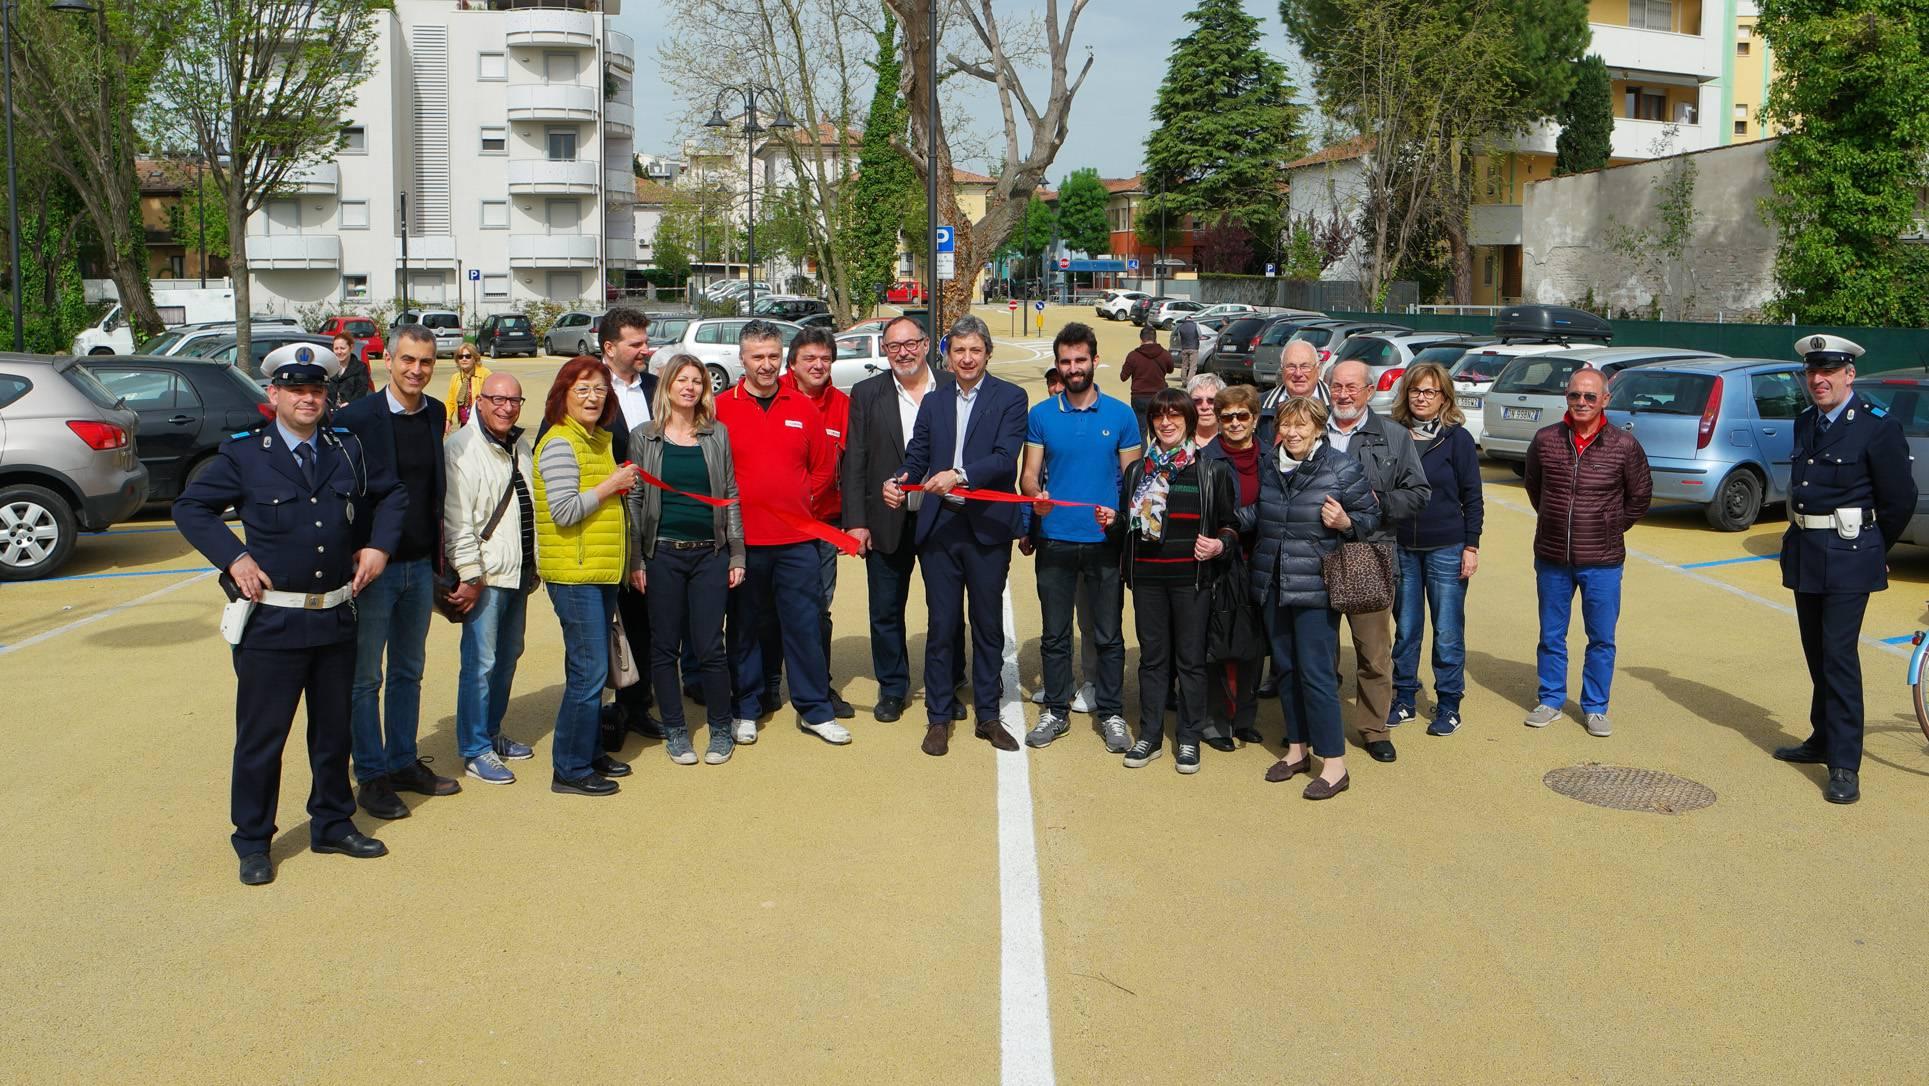 Inaugurato il nuovo parcheggio Tiberio 2. Come cambierà il Borgo con il Progetto Tiberio